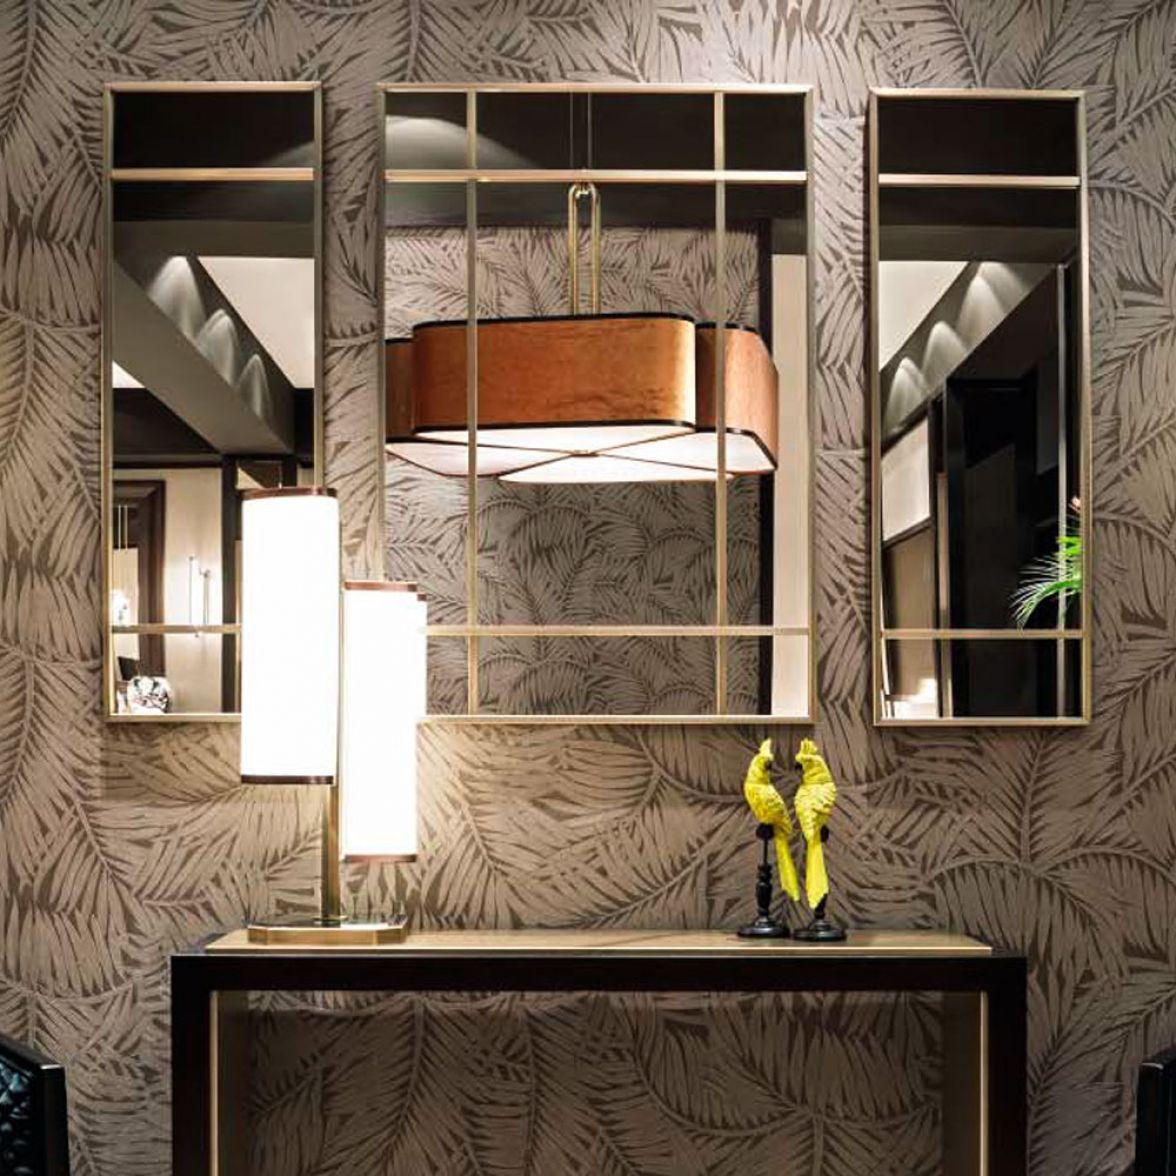 Cocteau mirror